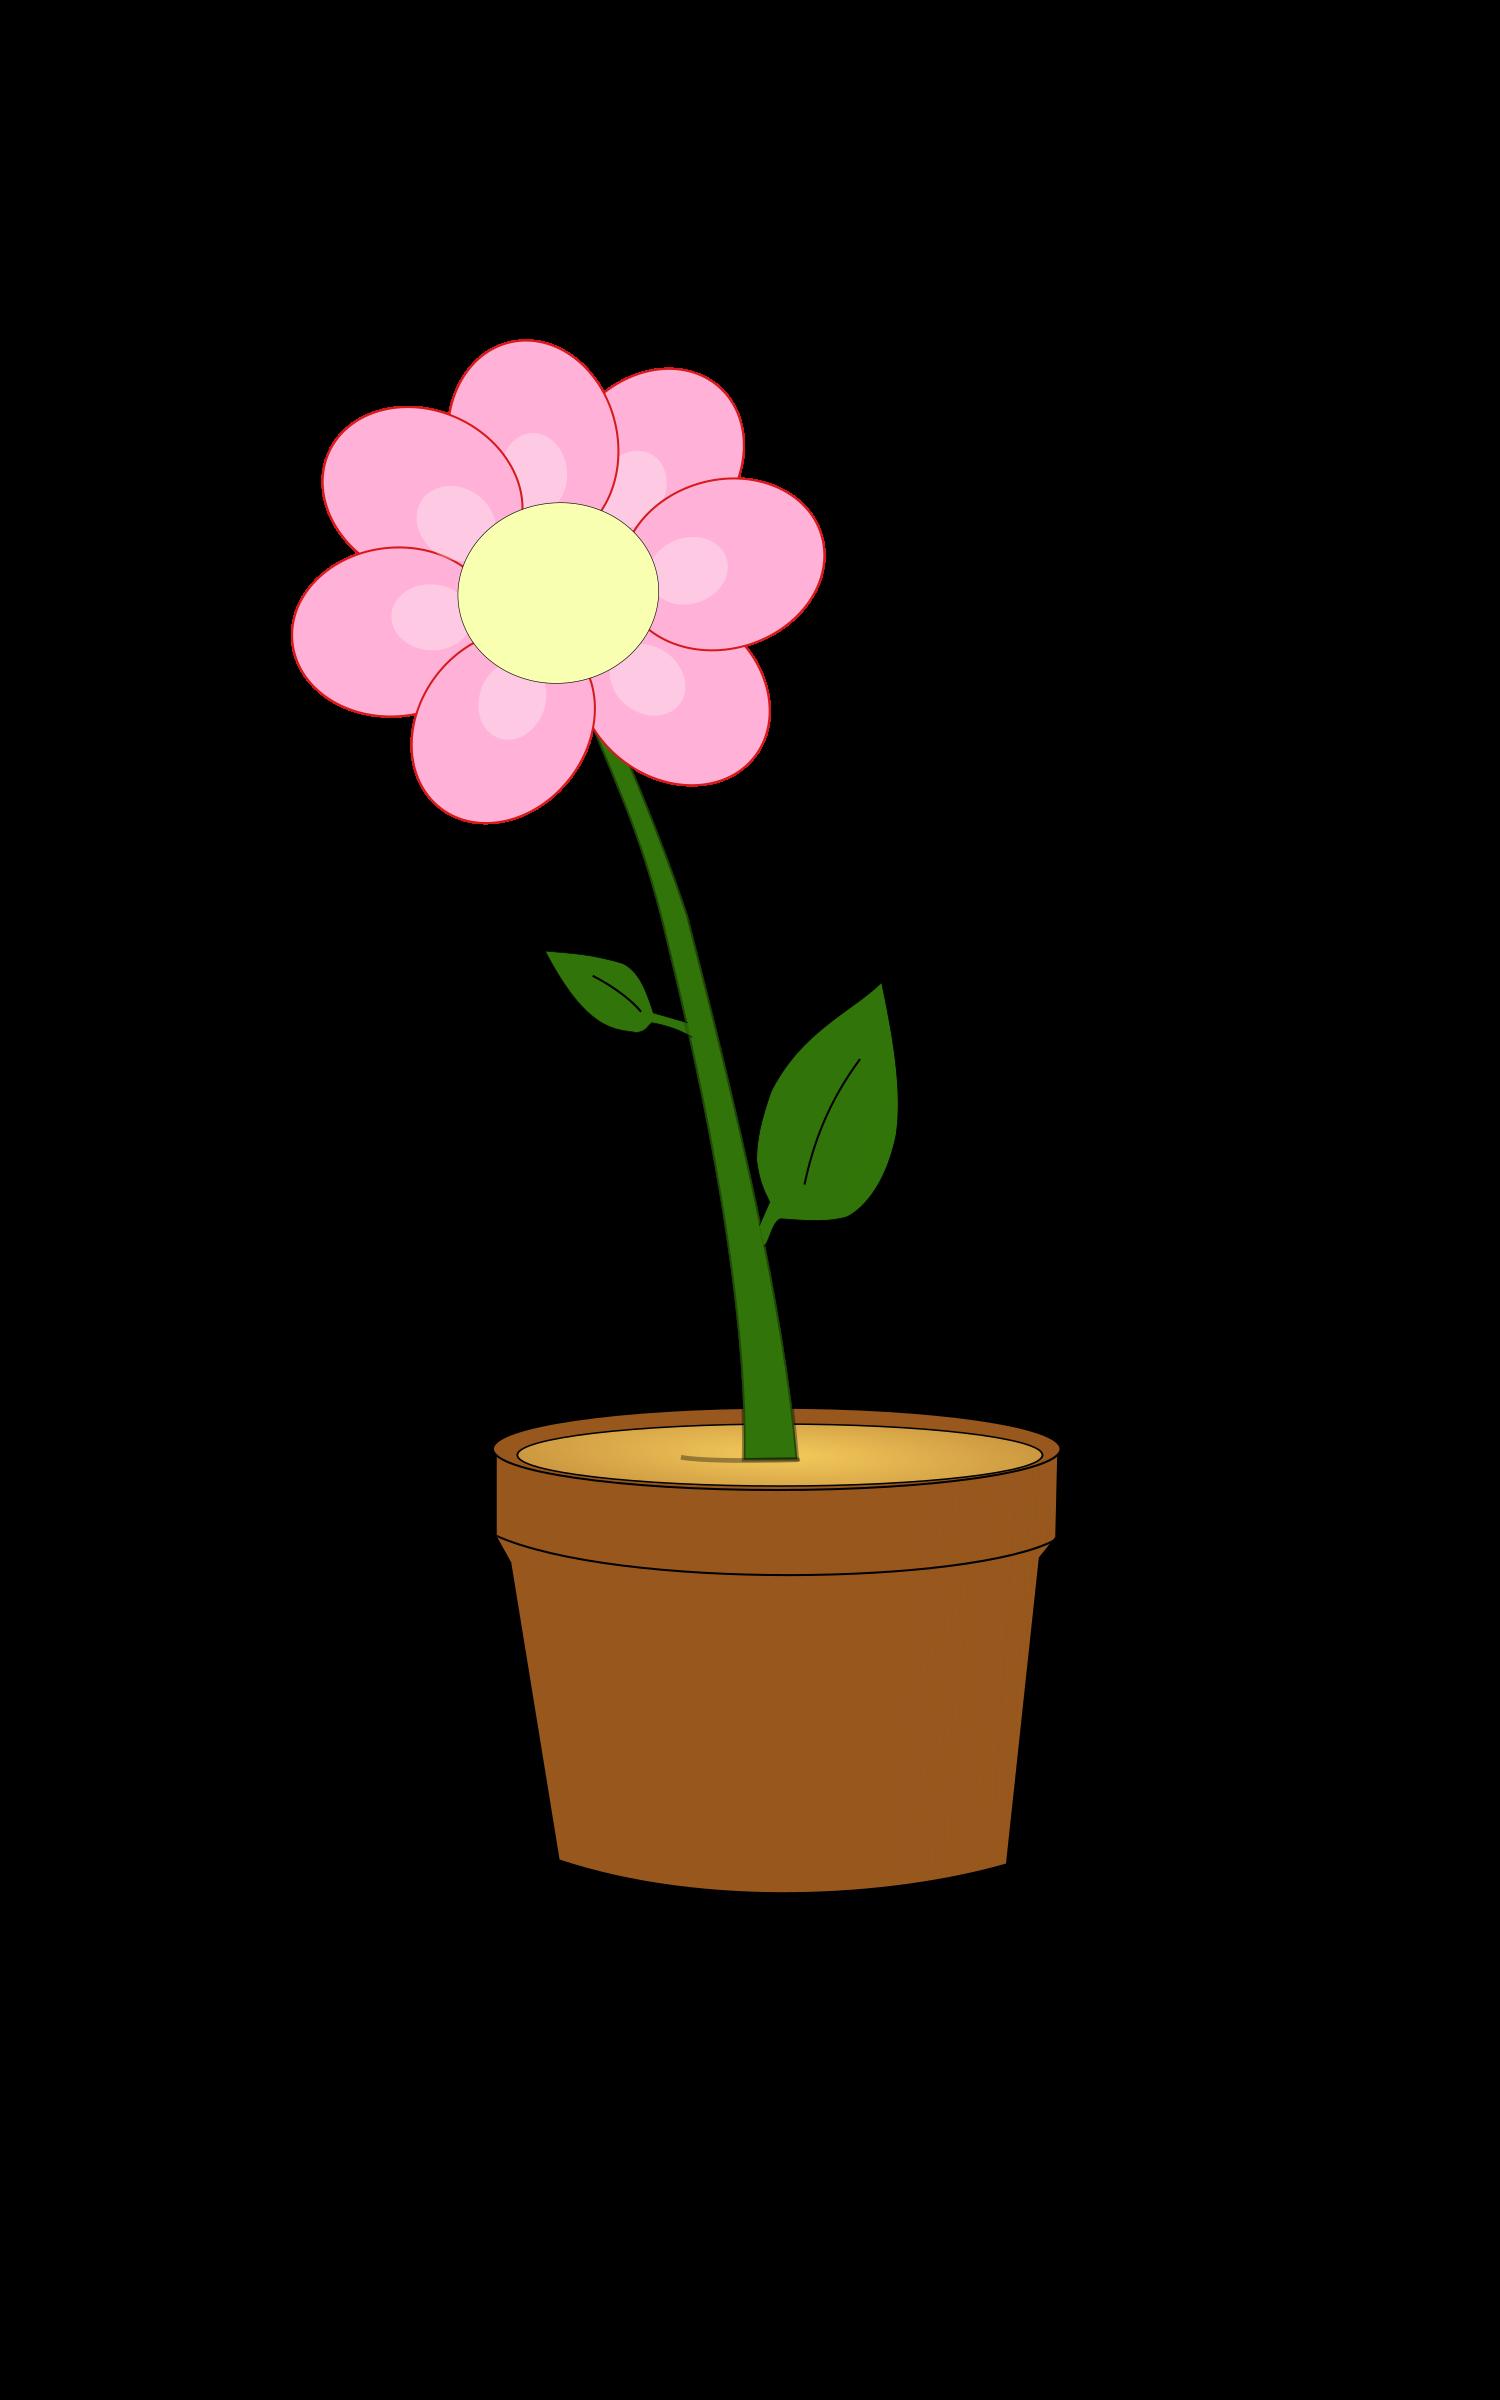 Flower clipart planter. Pot or vase modern